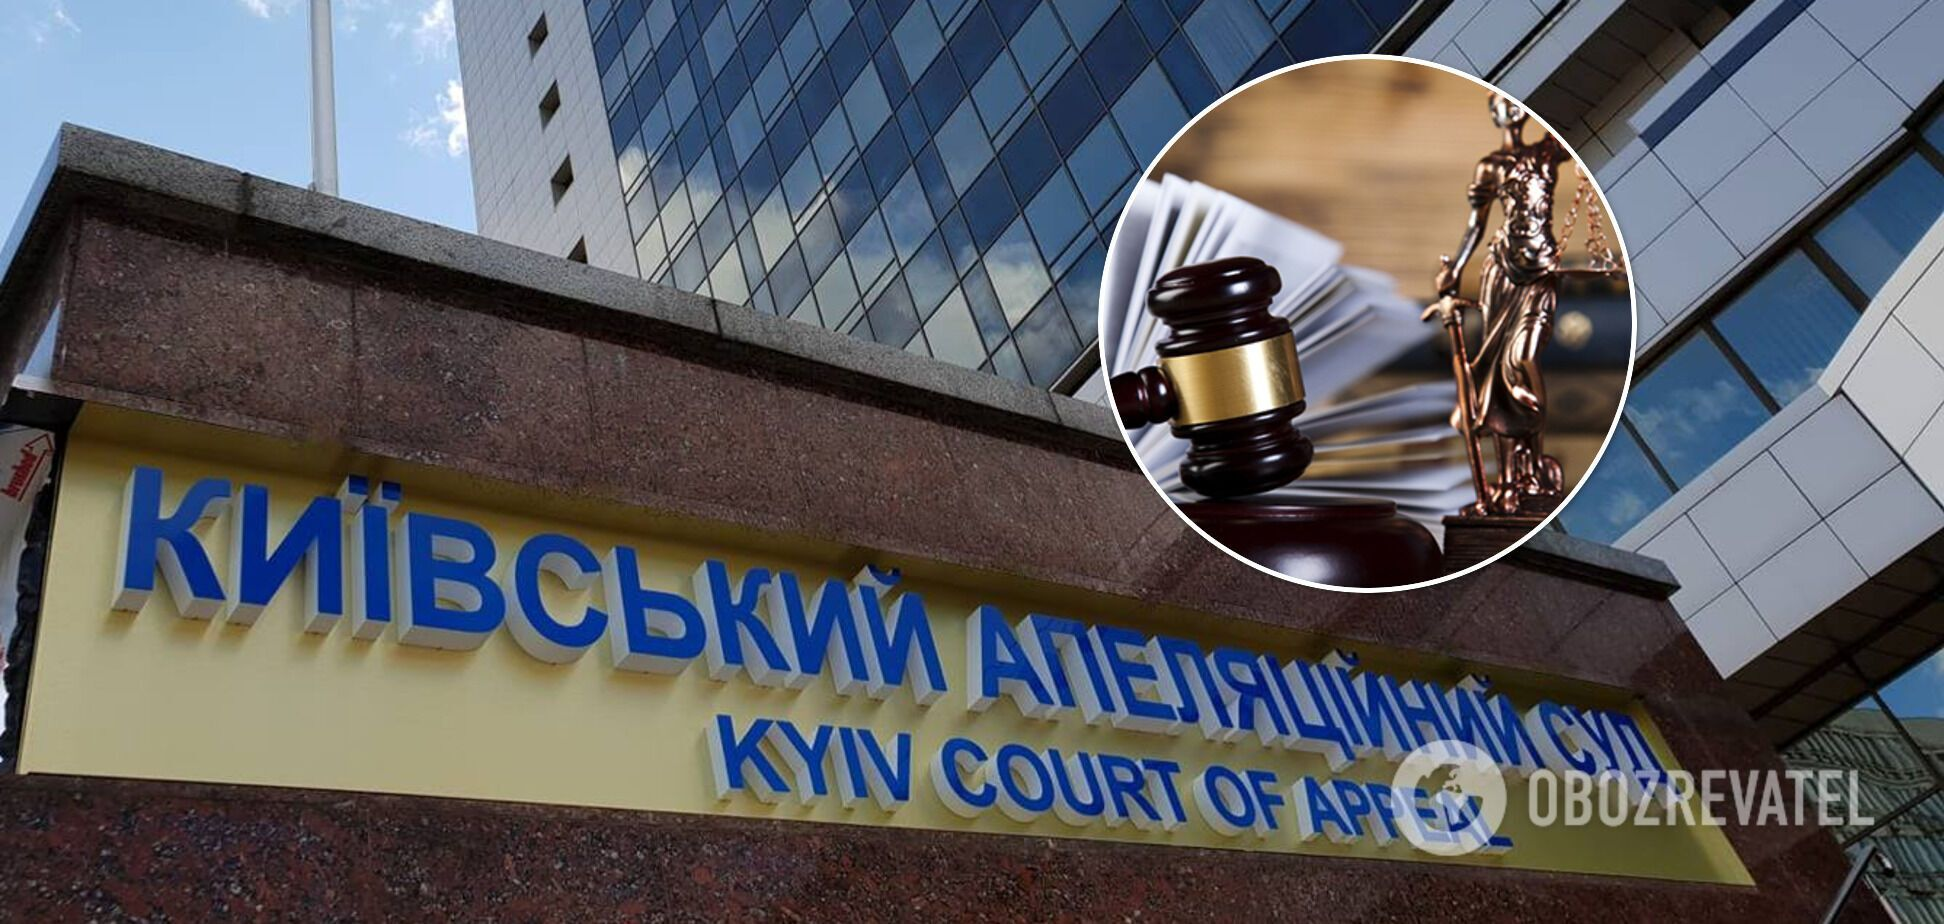 Апелляционный суд Киева отказал наследникам основателя 'КИЙ АВИА'